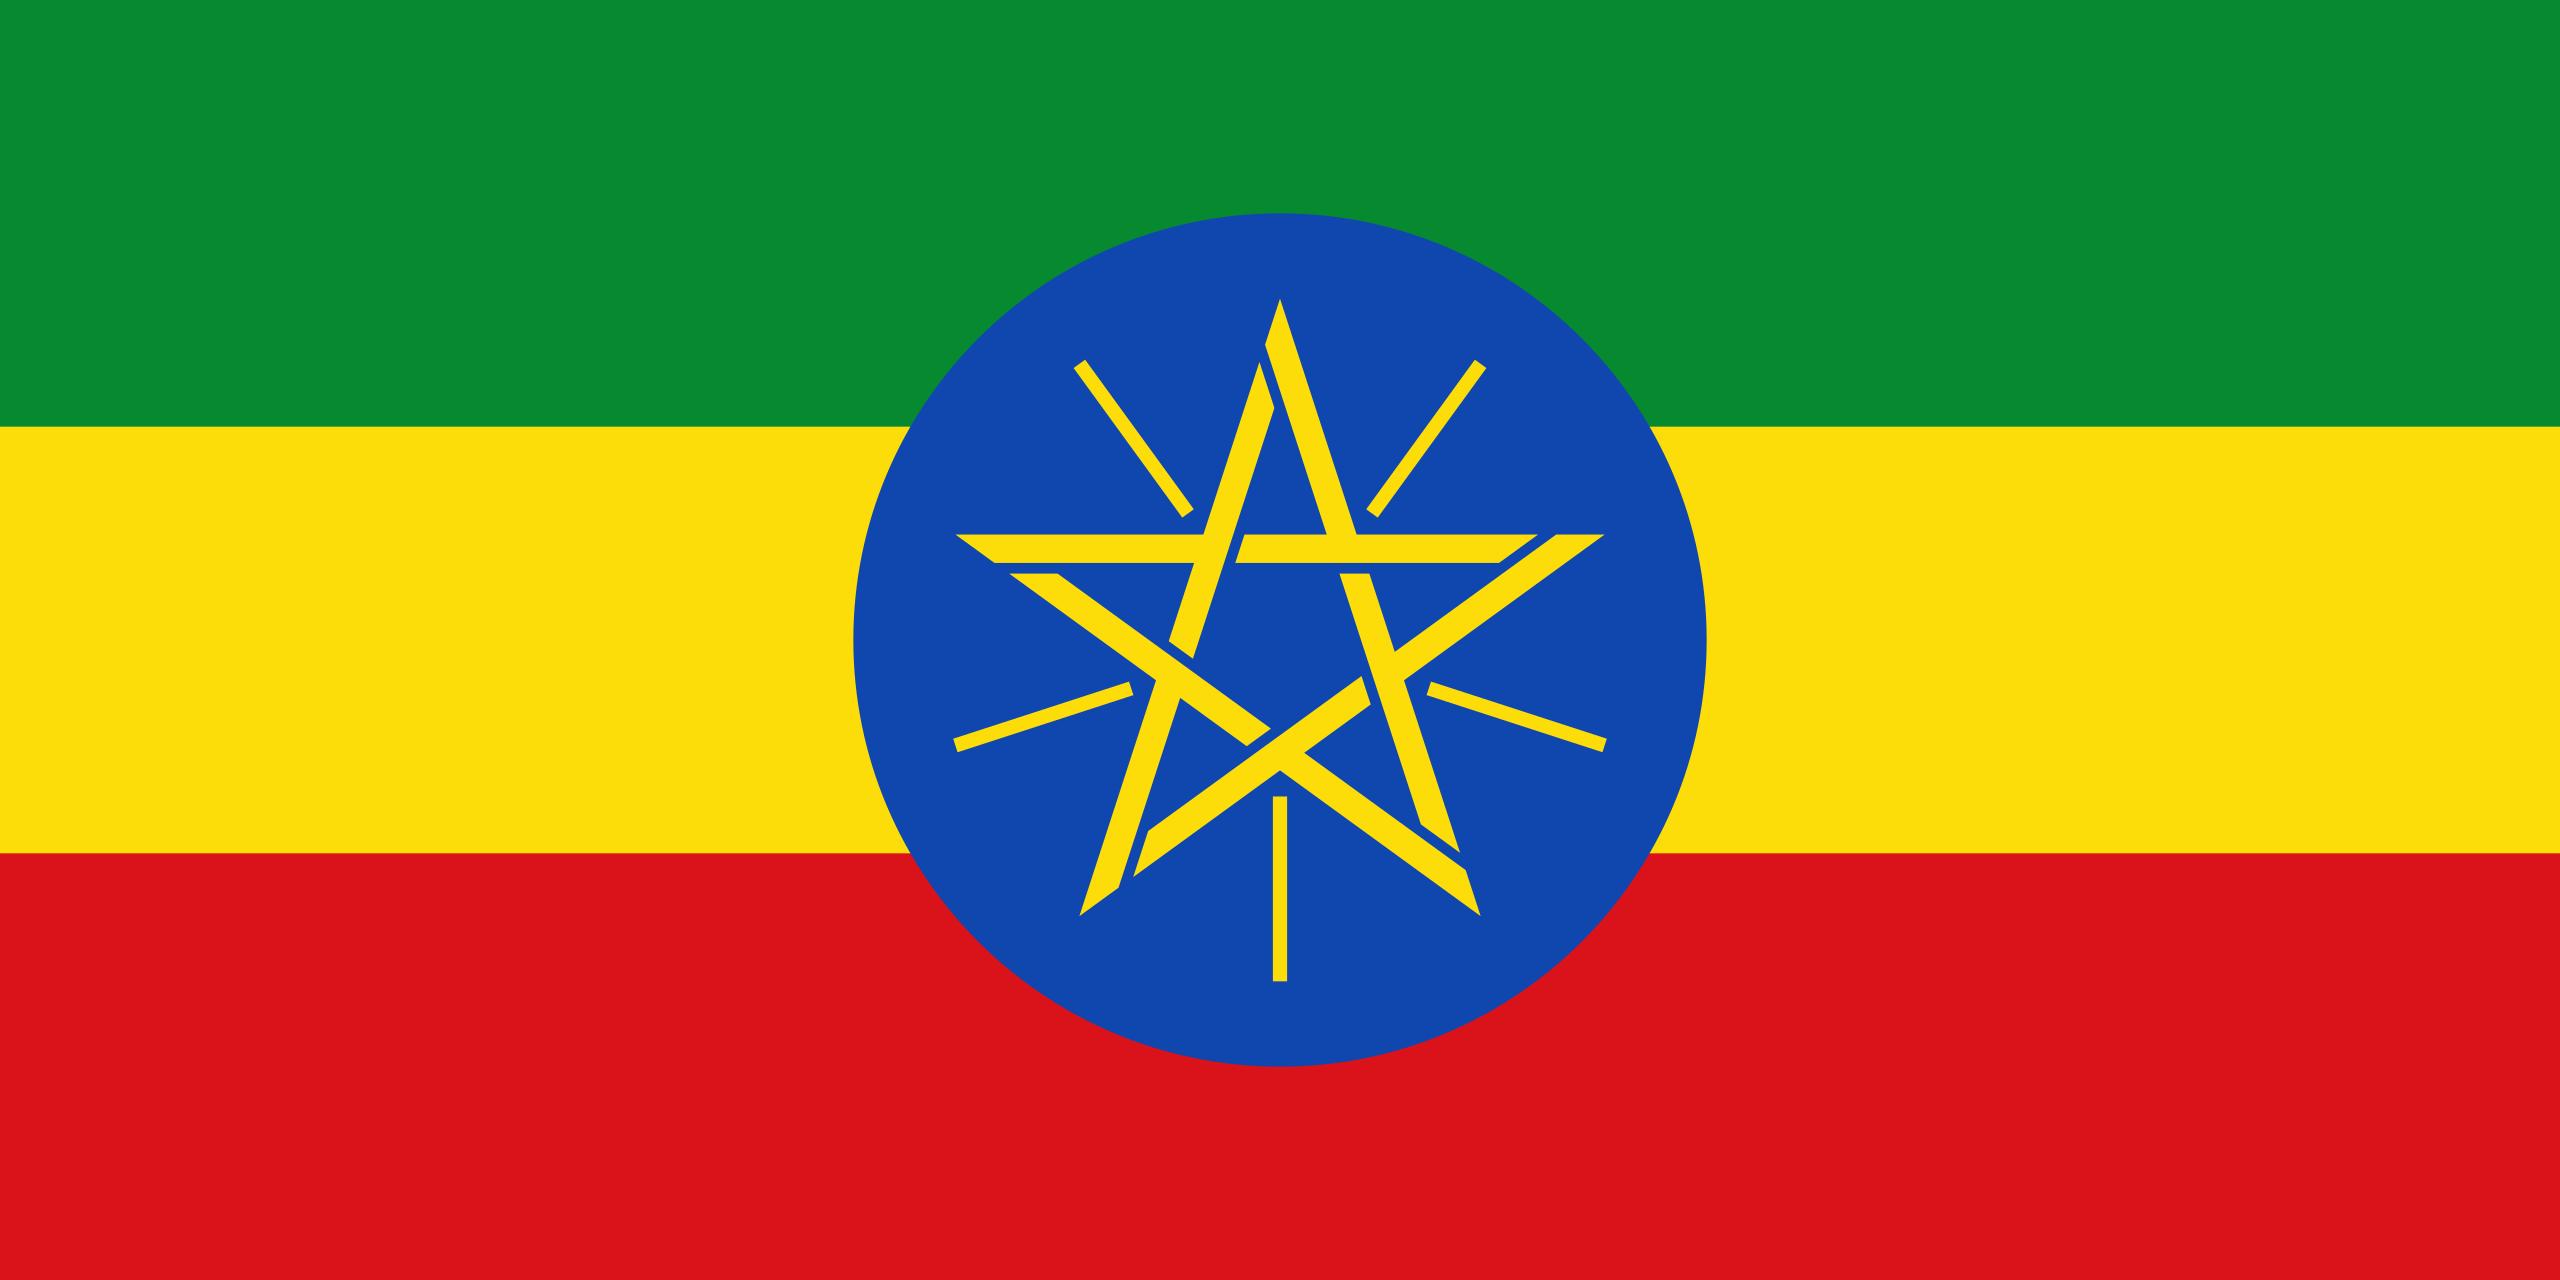 Ethiopia oo qarannimada Soomaaliya u geftay una kala qeybisay saddex dal